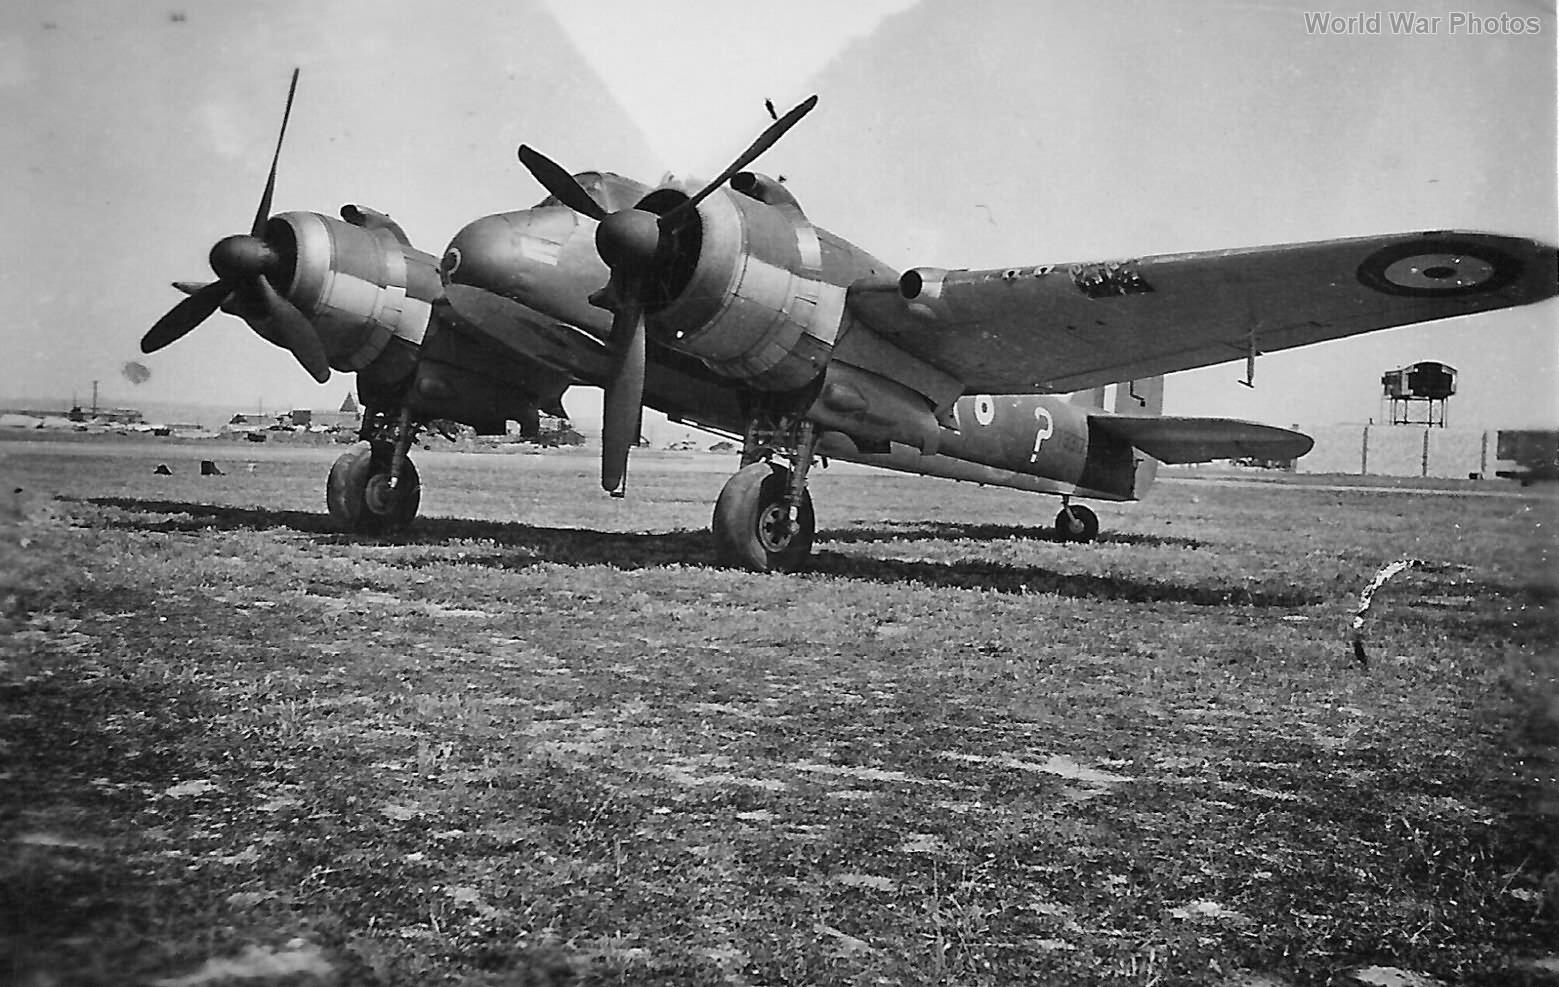 Beaufighter Luqa airfield Malta